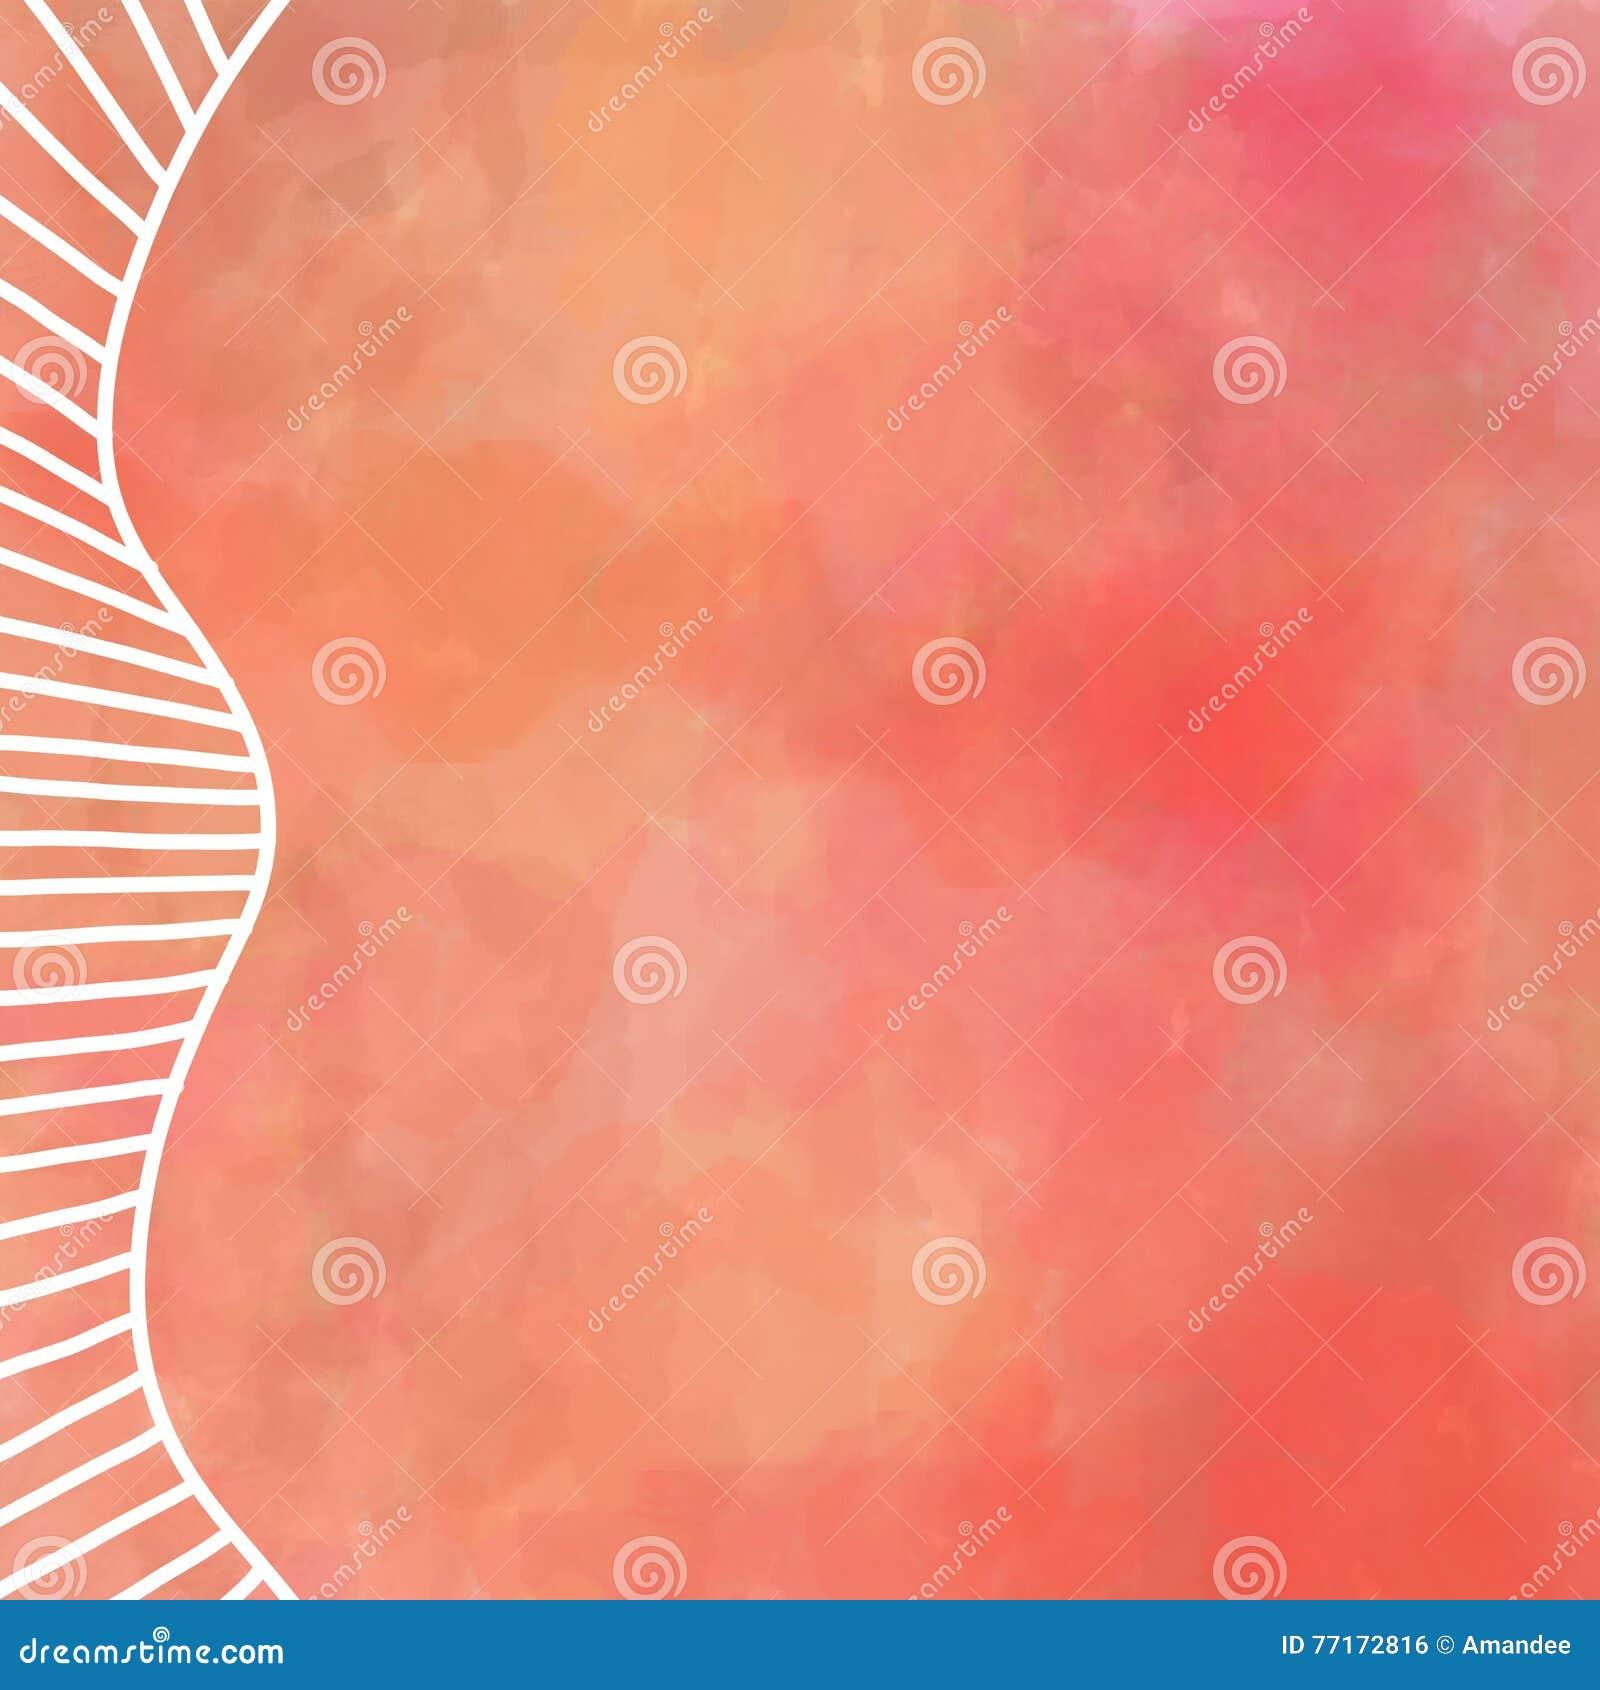 Картина акварели цифров в теплых цветах осени оранжевого красного цвета и желтого цвета с белым дизайном границы прямо и изогнуты